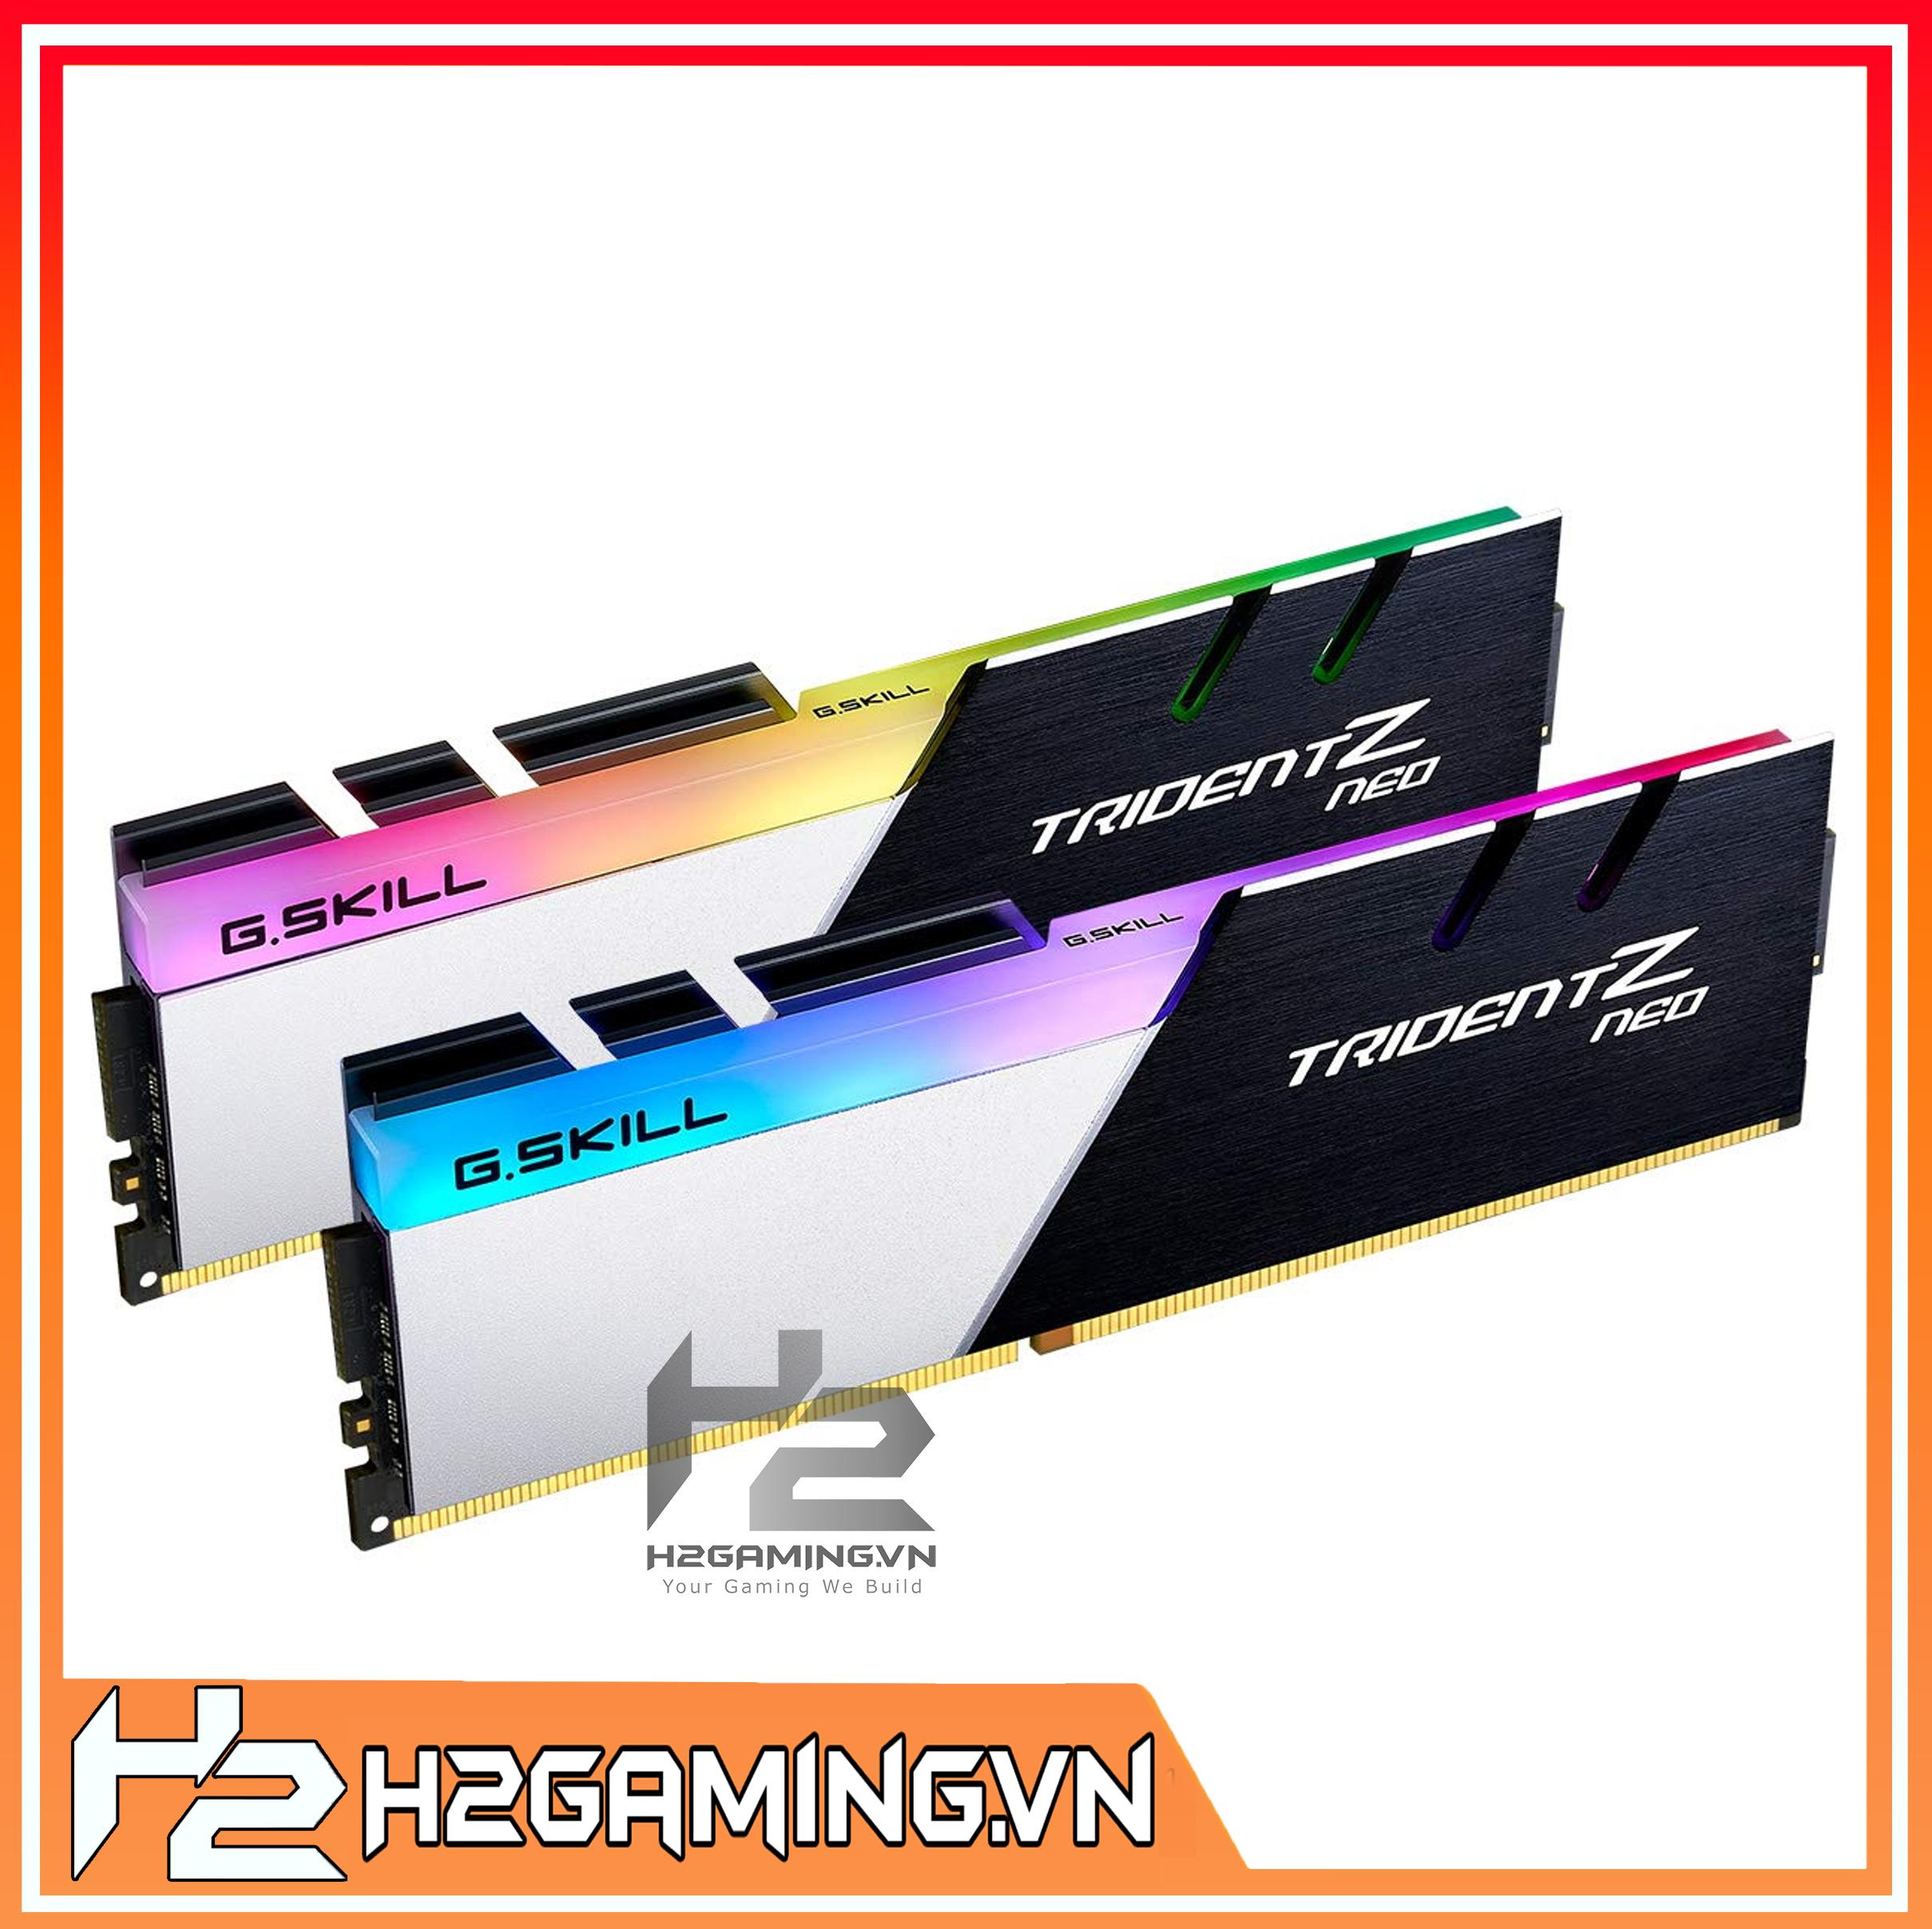 RAM_Desktop_Gskill_Trident_Z_RGB_(F4-3000C16D-16GTZR)_16GB_(2x8GB)_DDR4_3000MHz